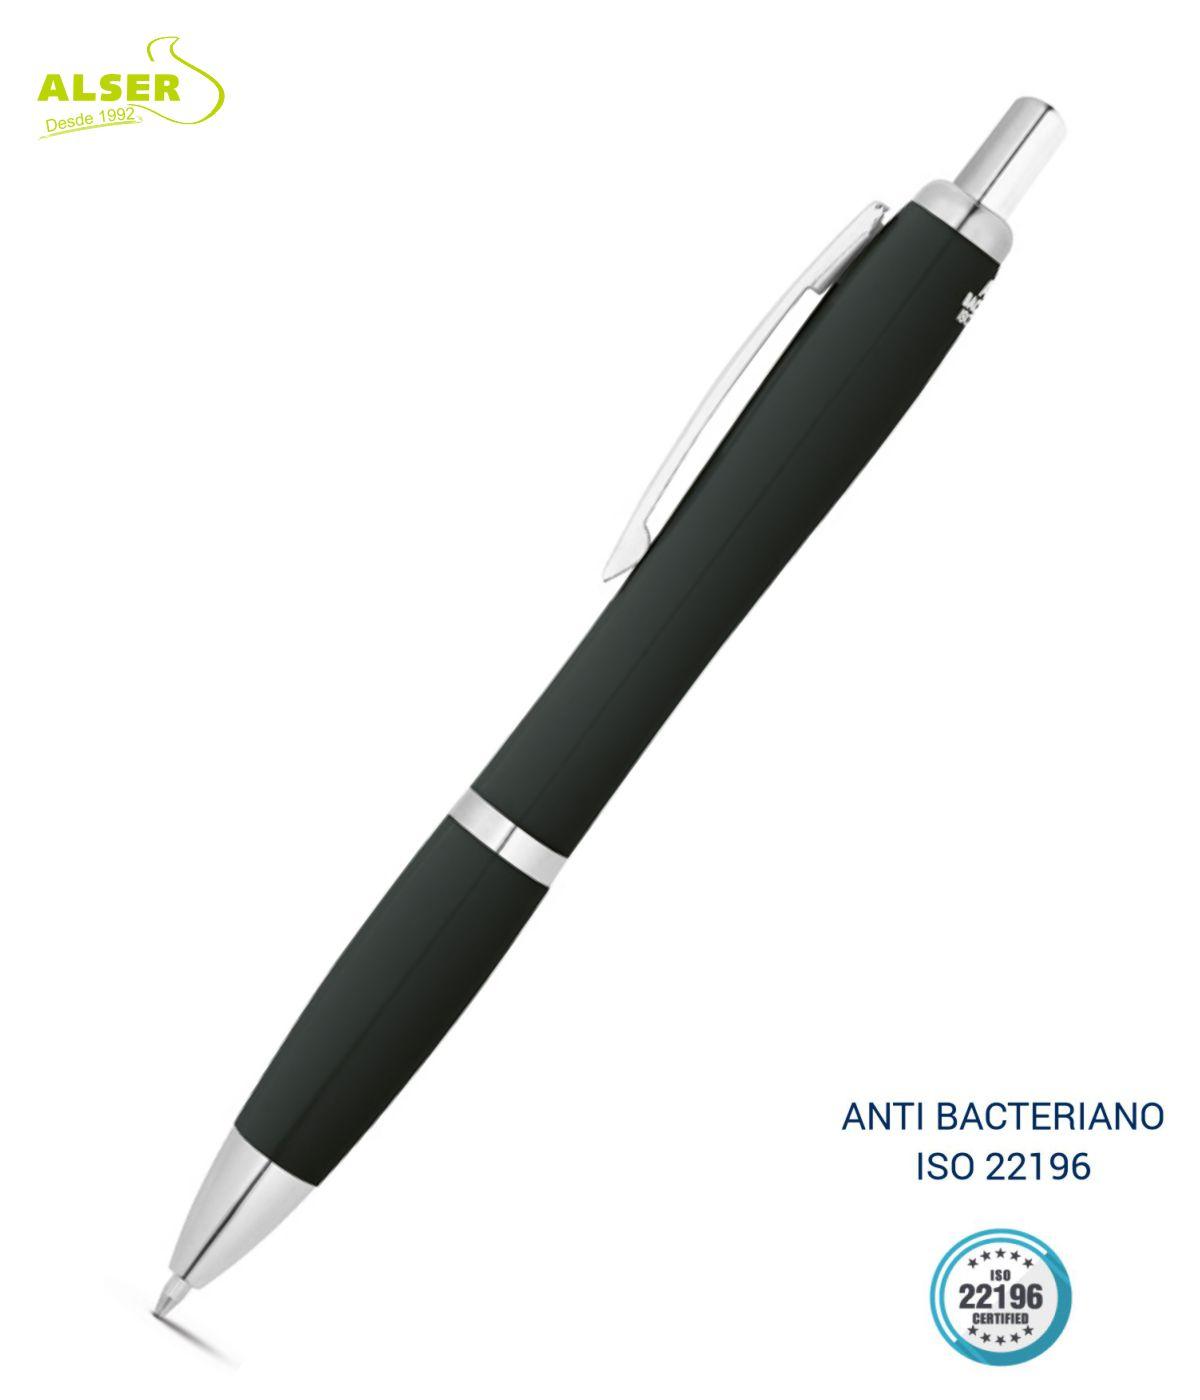 Boligrafo anti bacteriano Negro